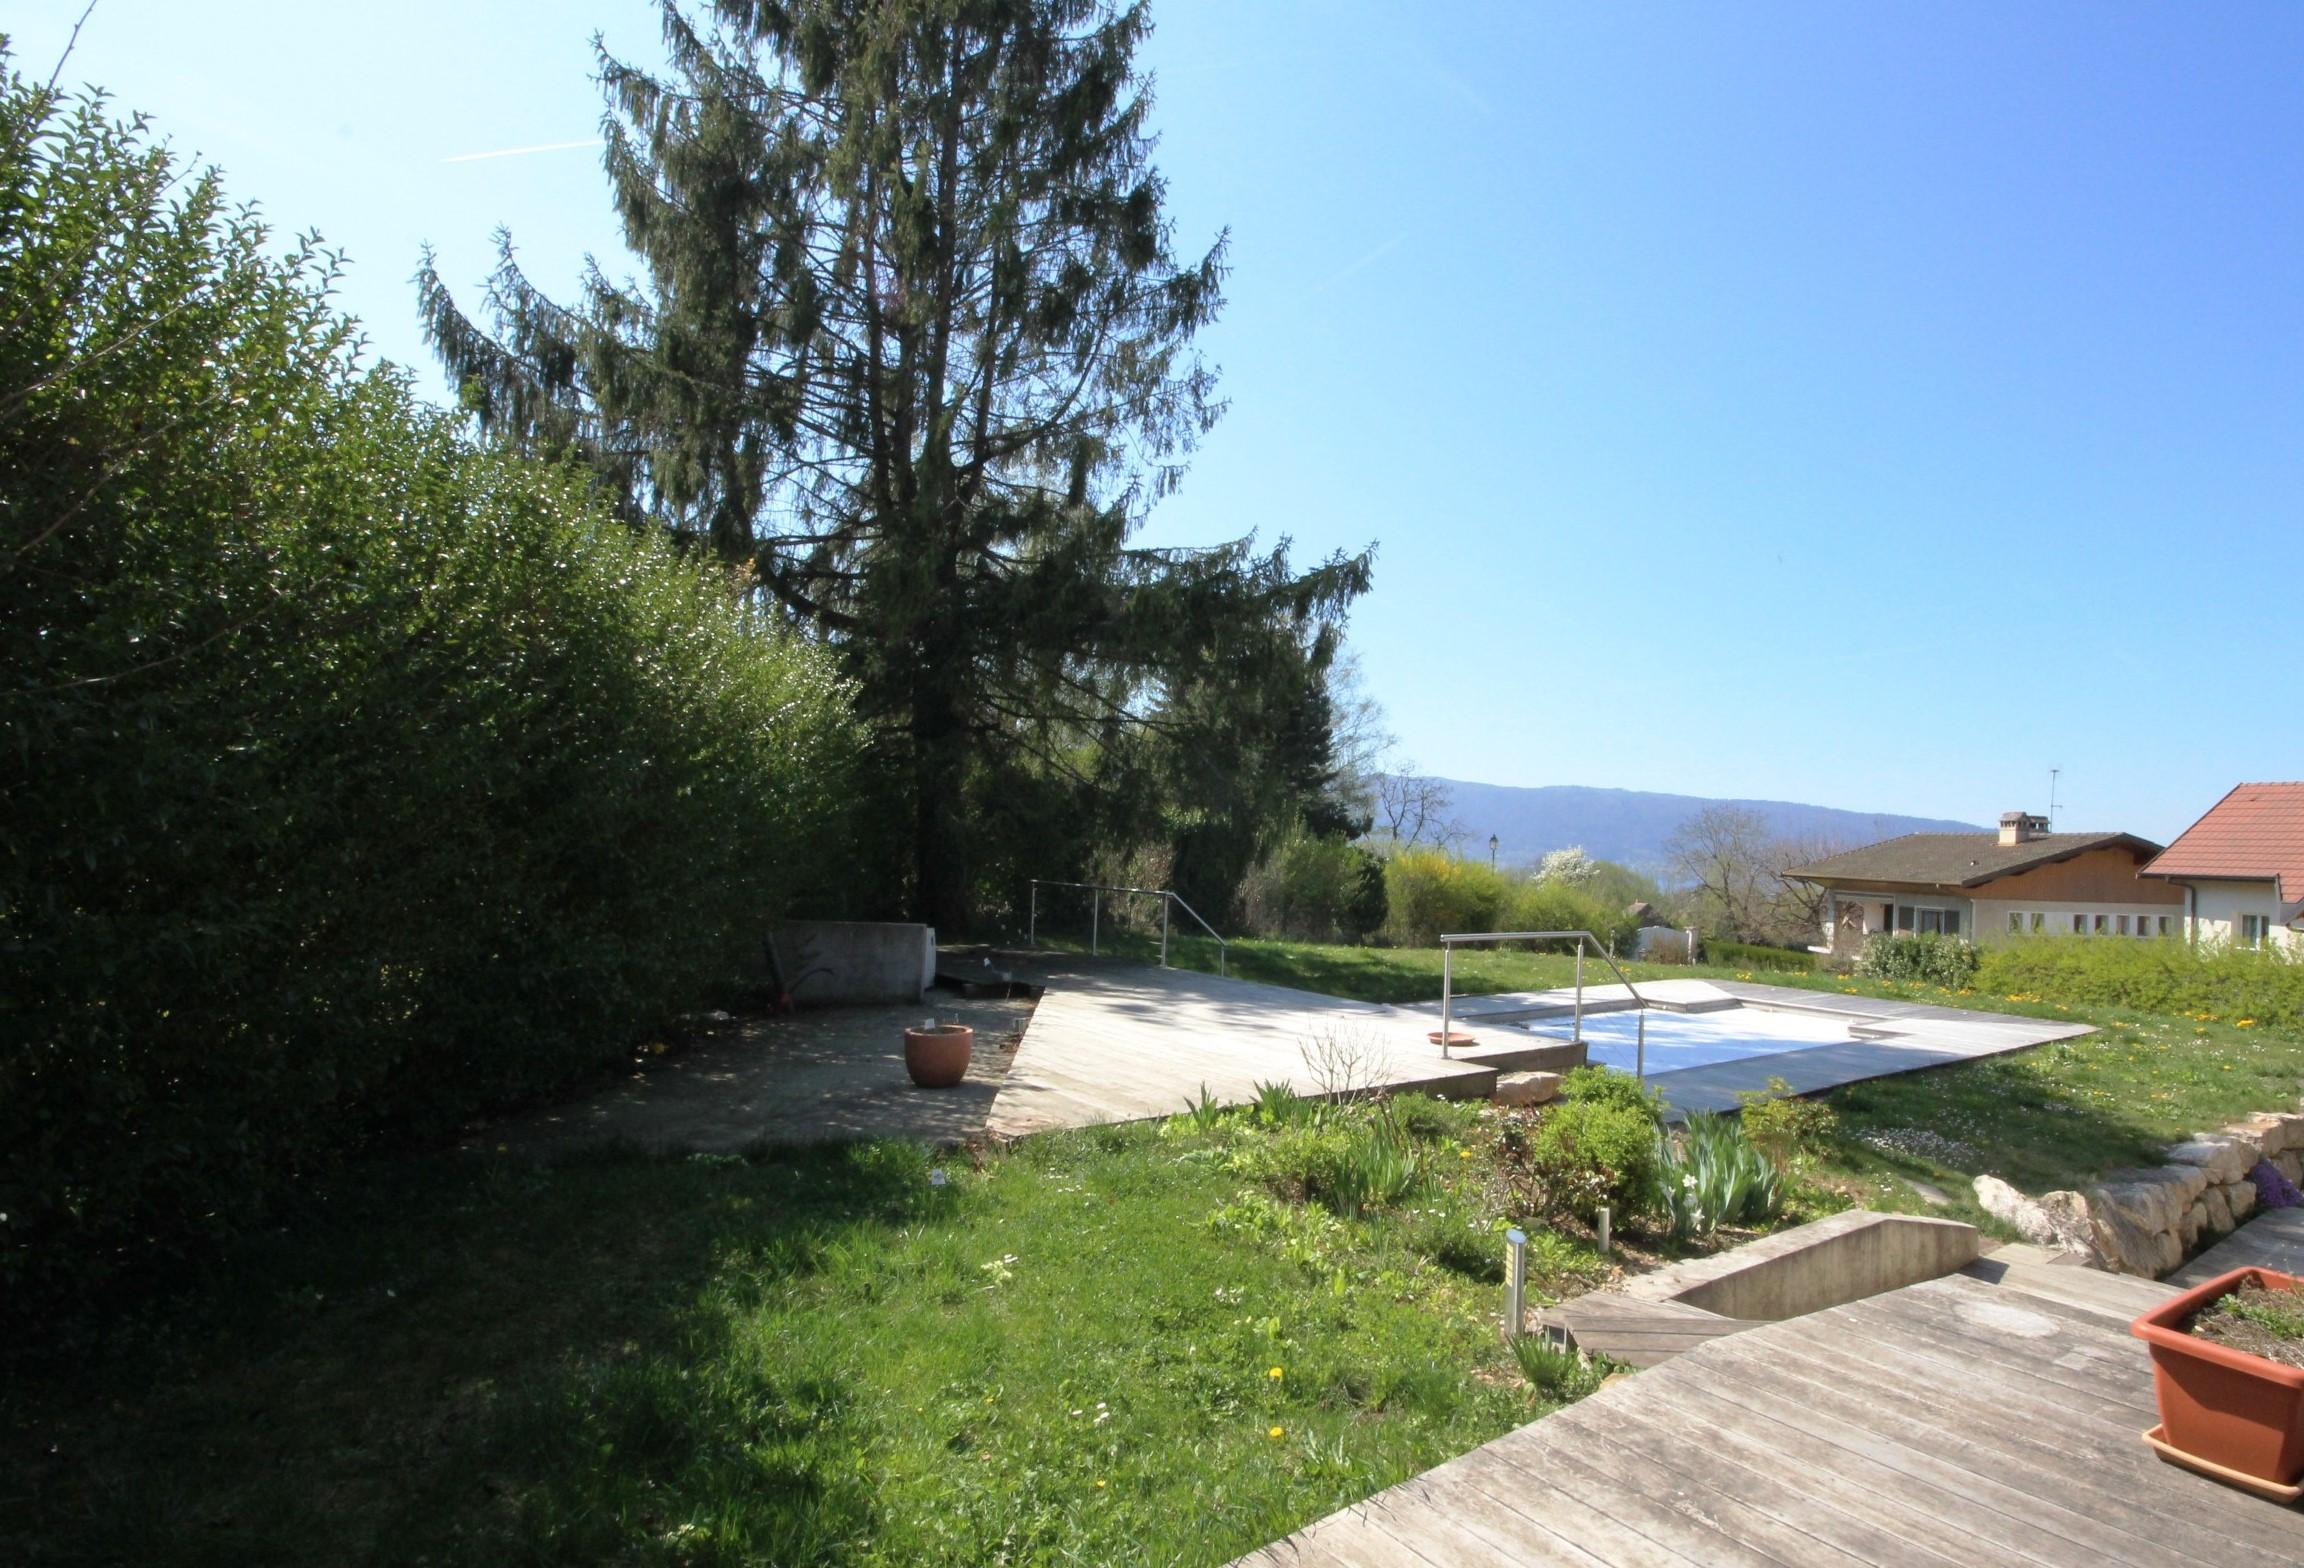 Maison avec piscine chauff e vue ch teau lac et for Piscine du lac